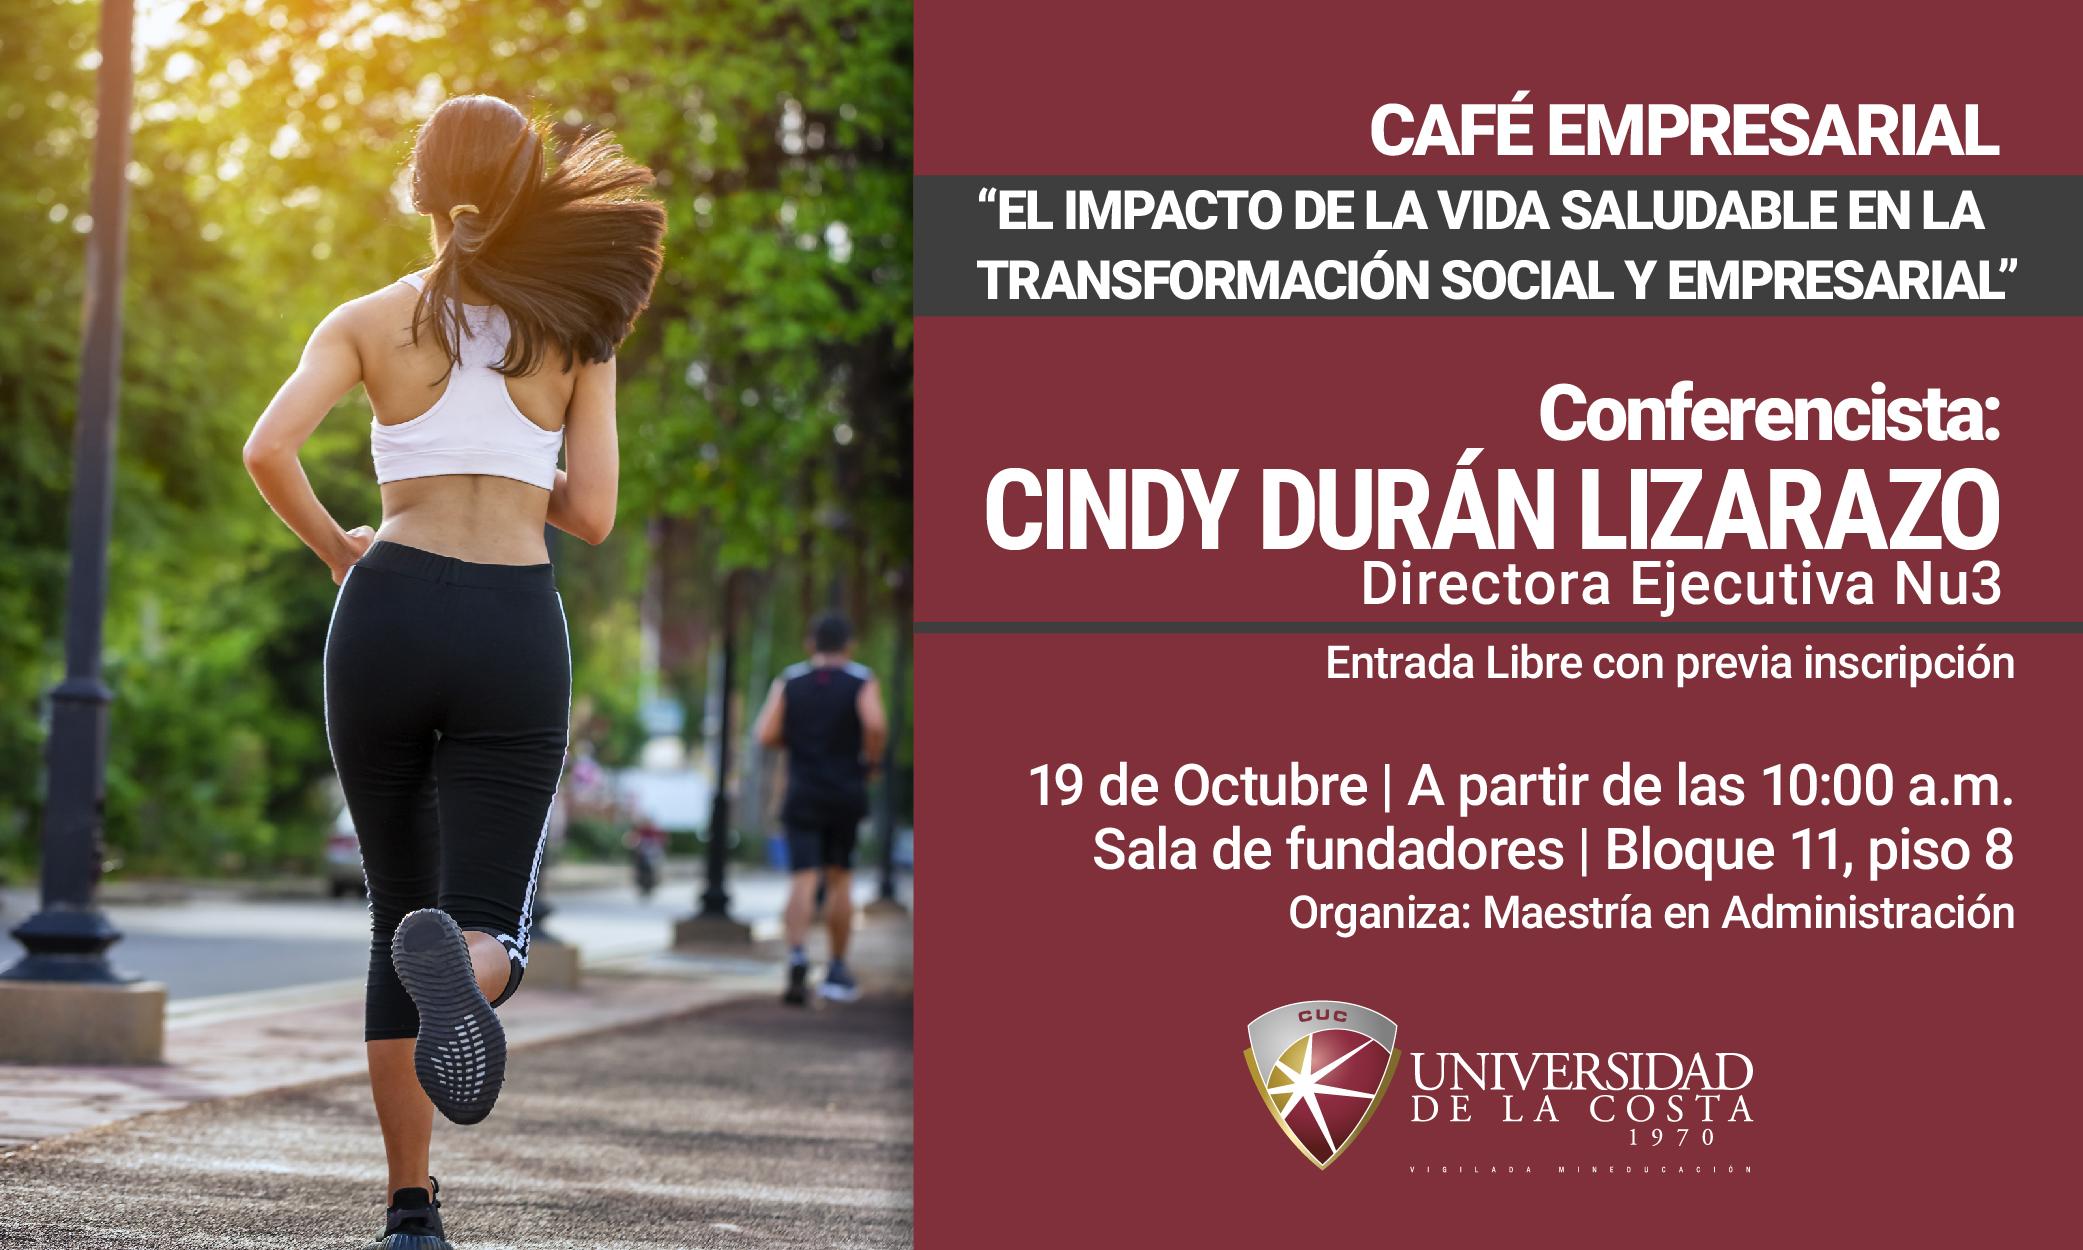 cafe empresarial 1